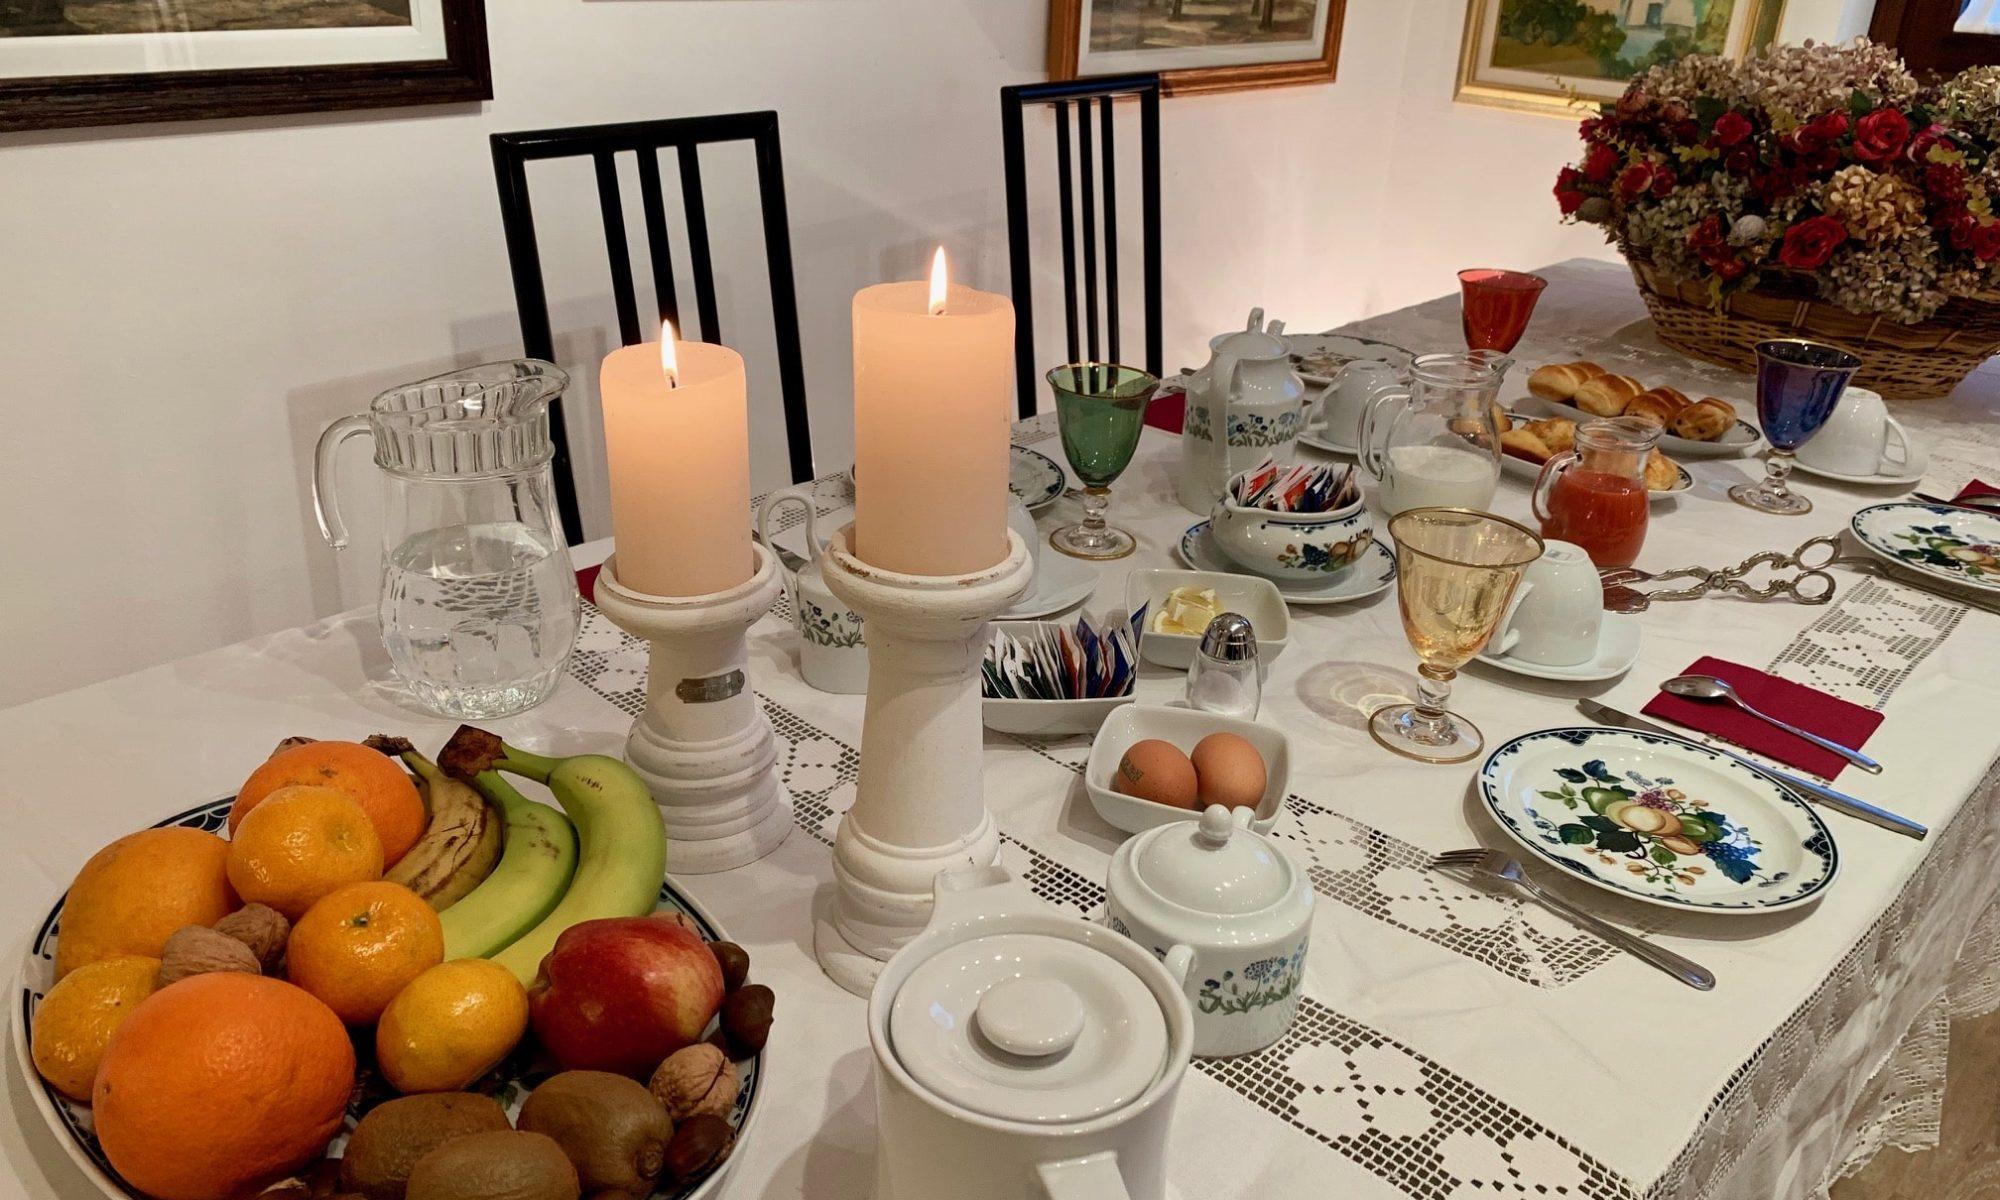 Rana B&B colazione breakfast allestimento